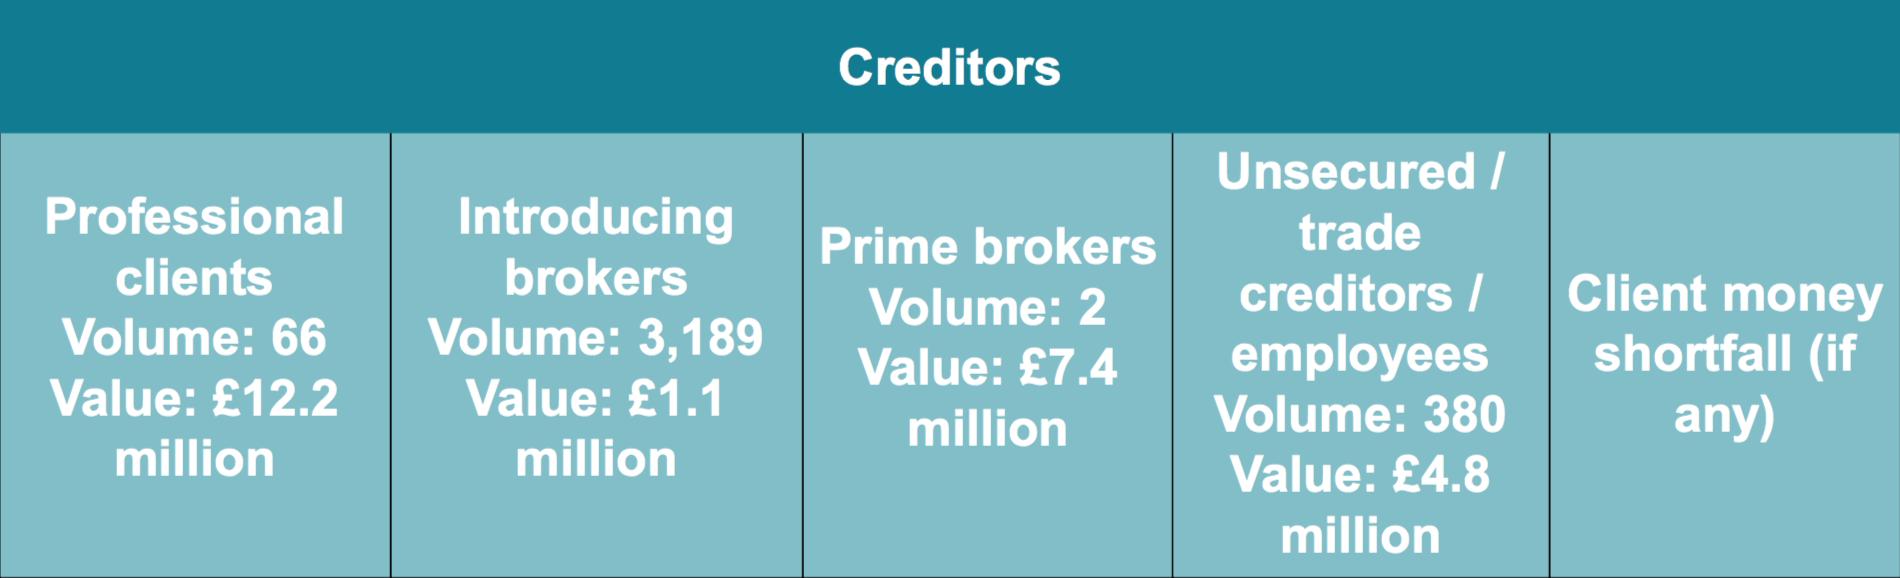 Alpari_UK_Creditors